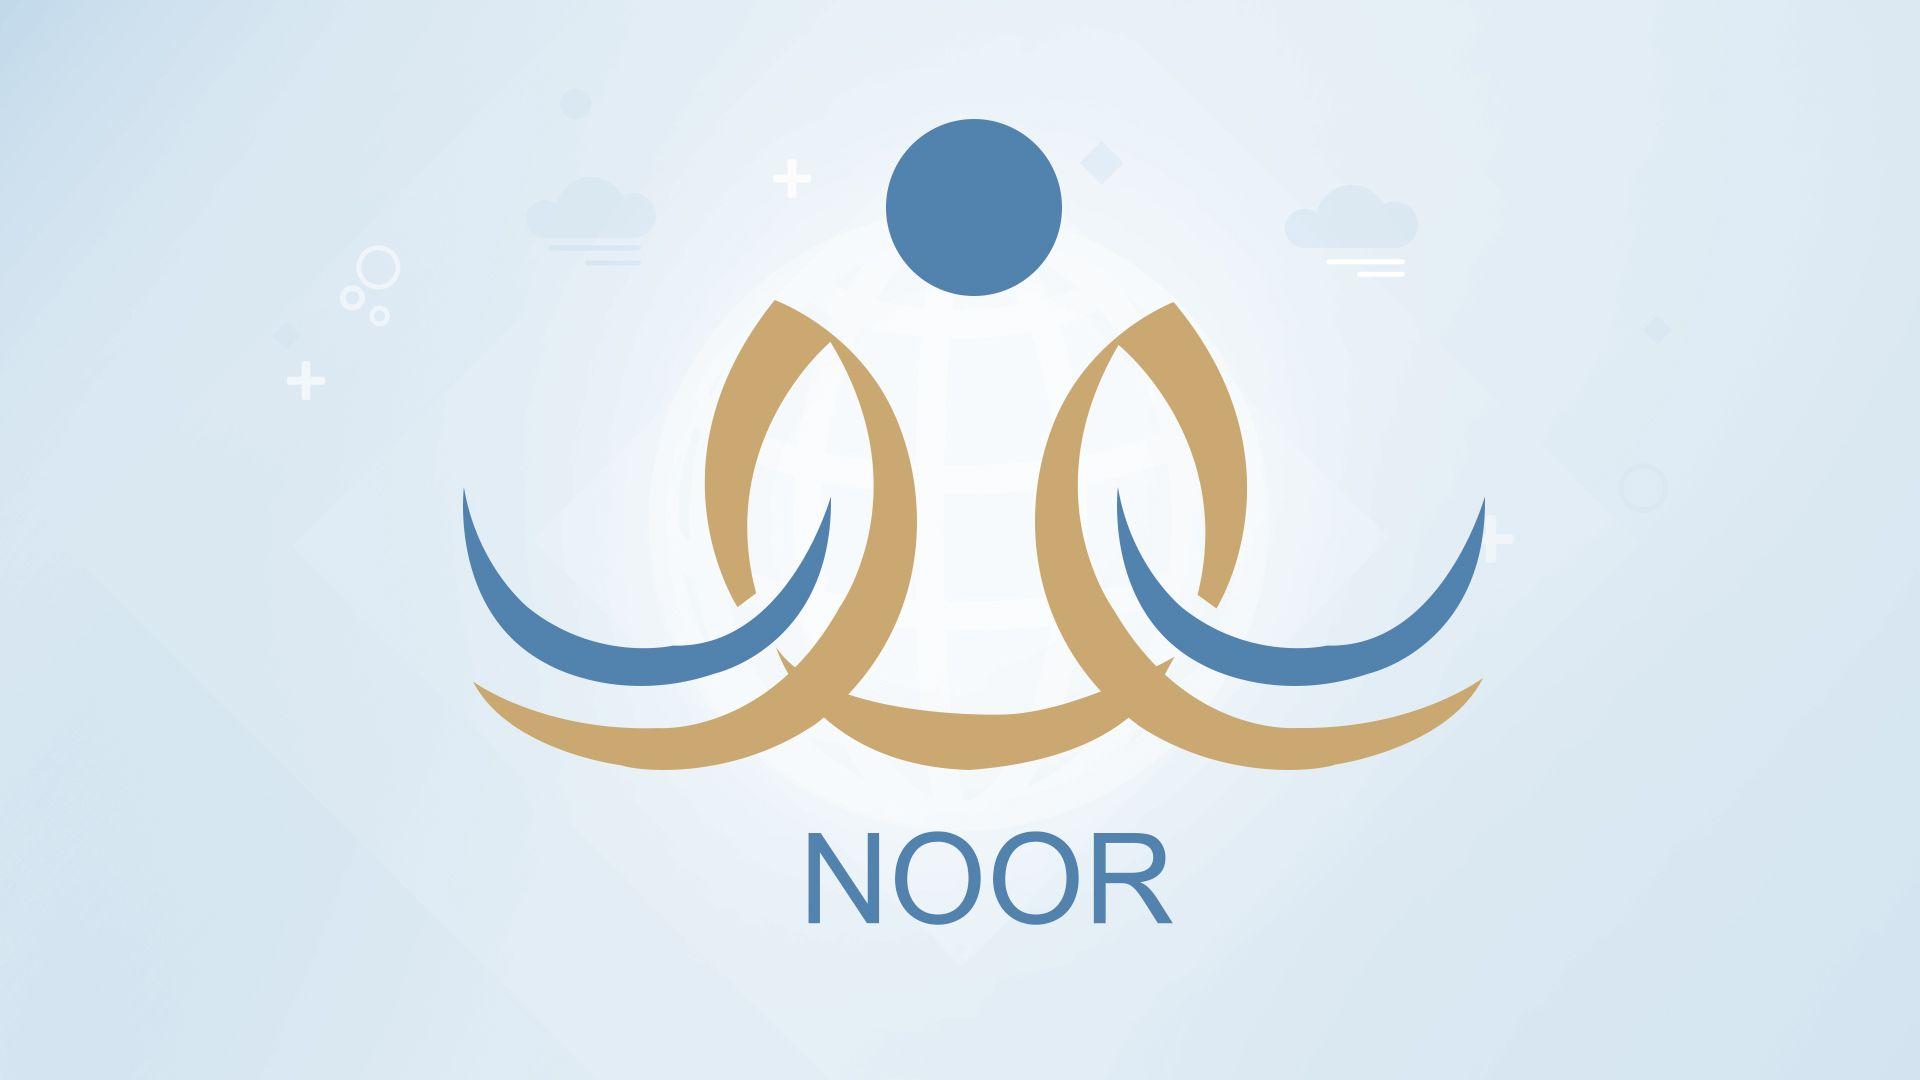 نظام نور برقم الهوية 1440 احصل على نتيجتك من الموقع الرسمي الآن Arabic Calligraphy Calligraphy